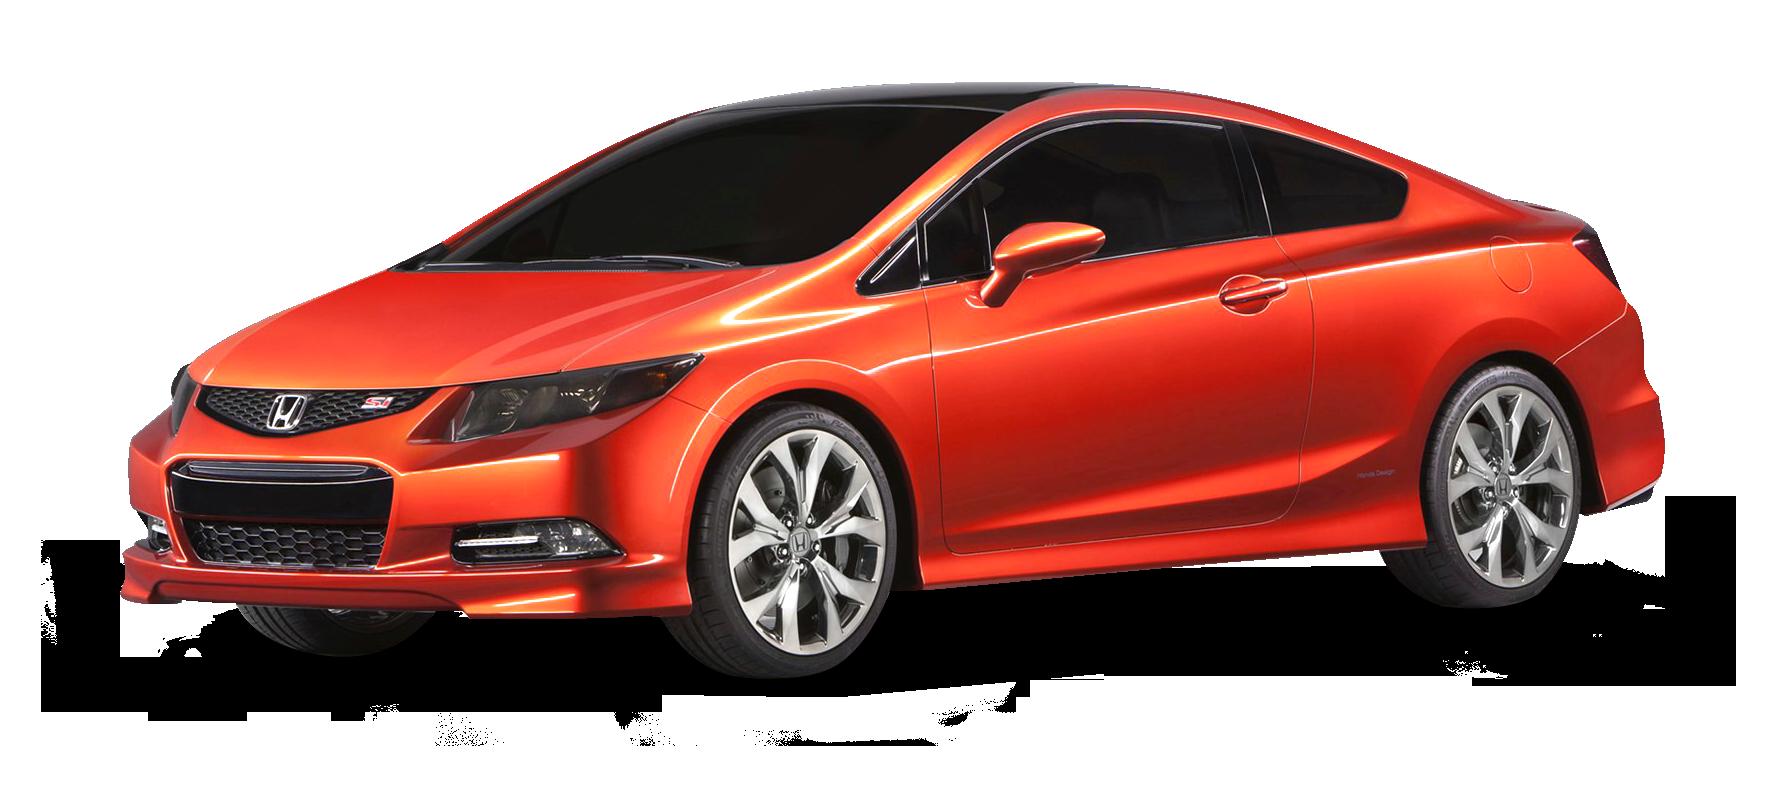 Red Honda Civic Car PNG Image